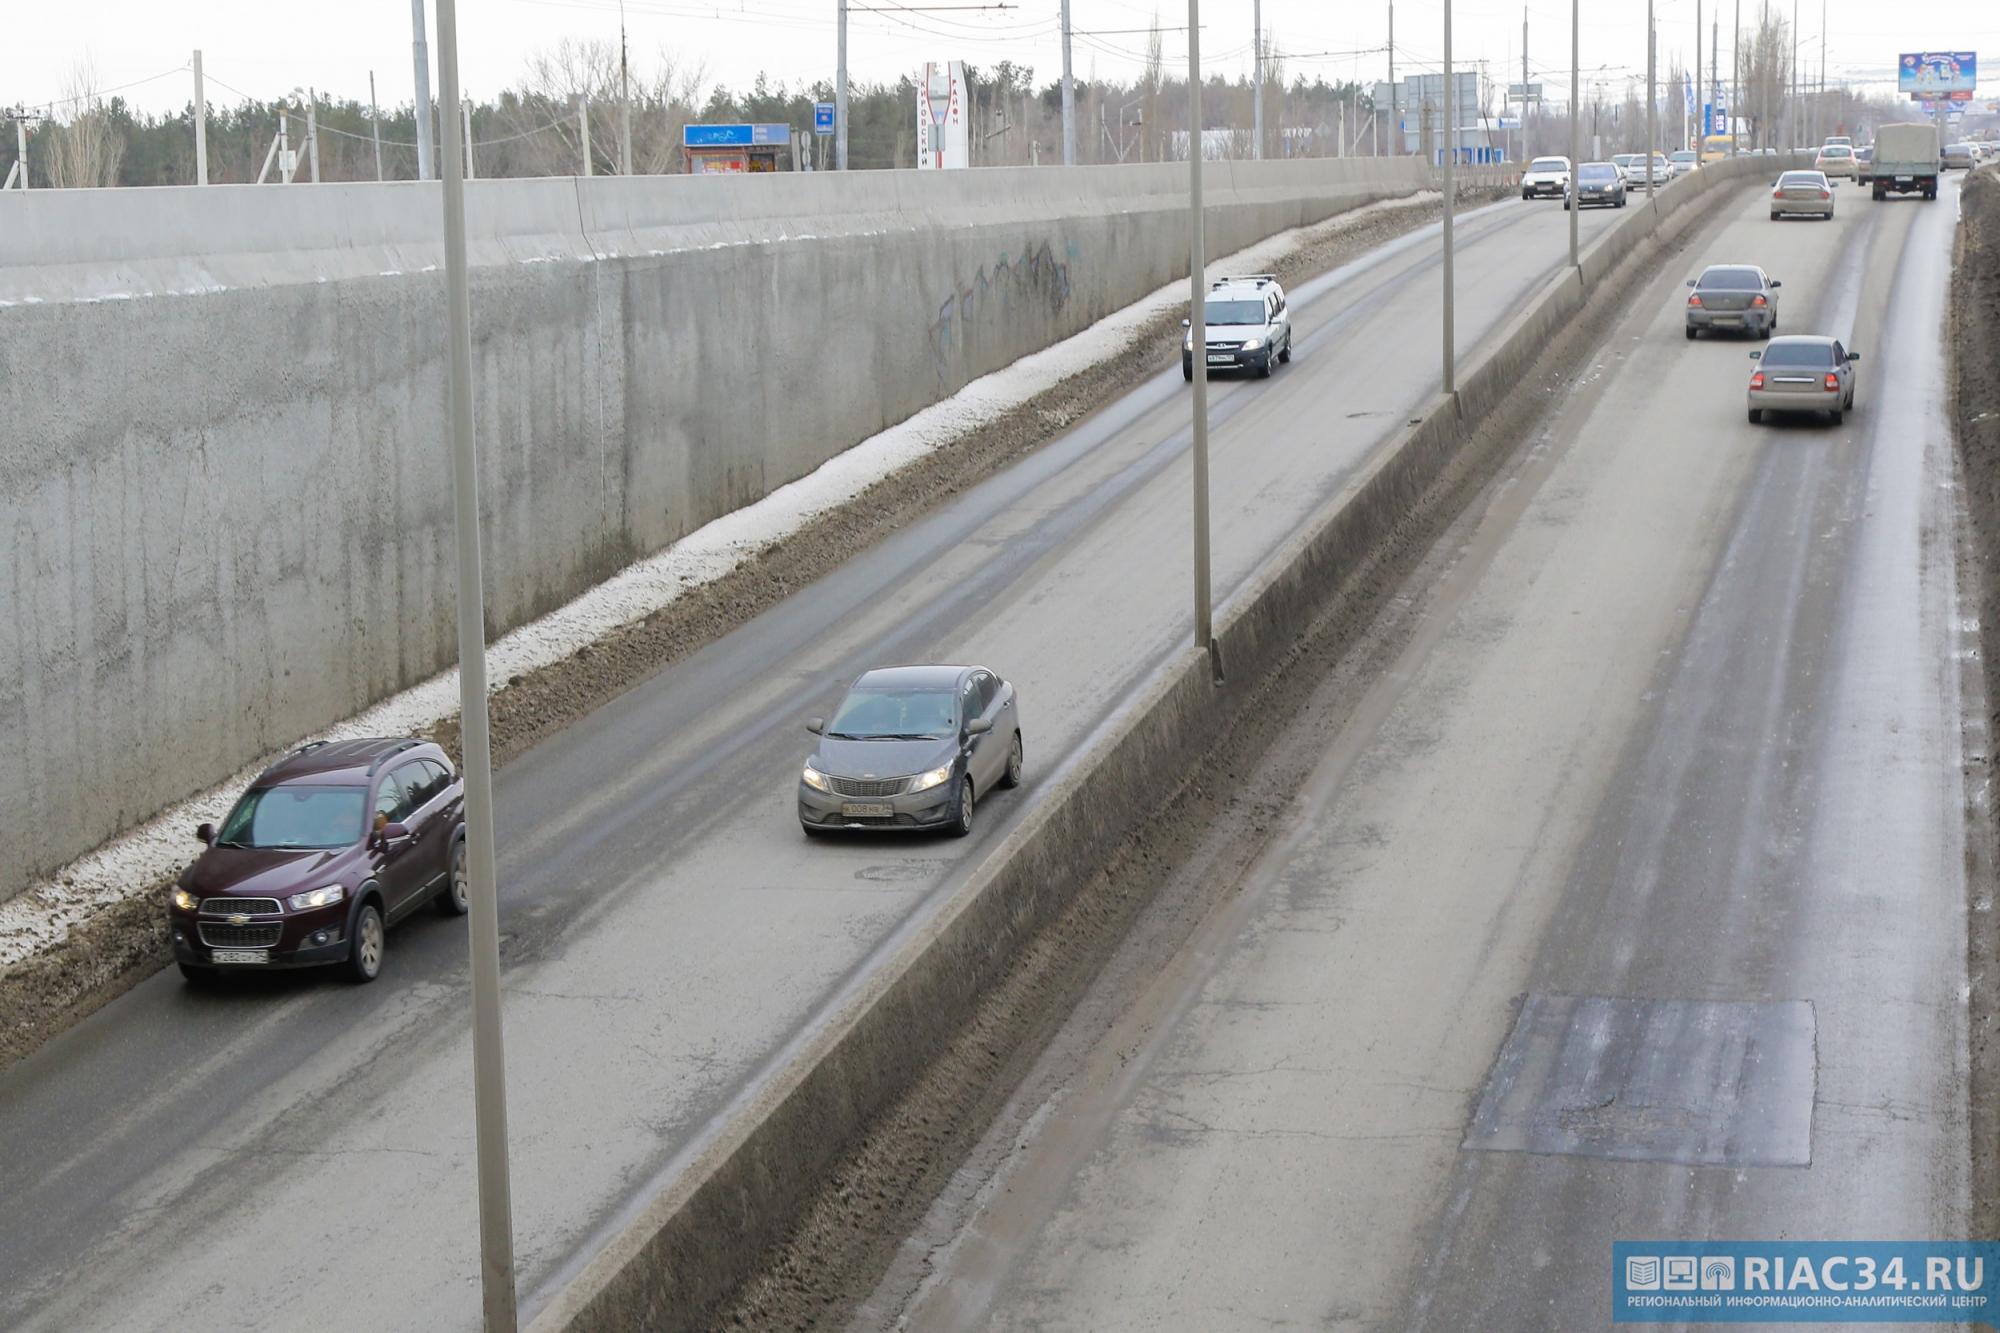 Гражданин Волгограда угнал машину, чтобы реализовать ее почастям